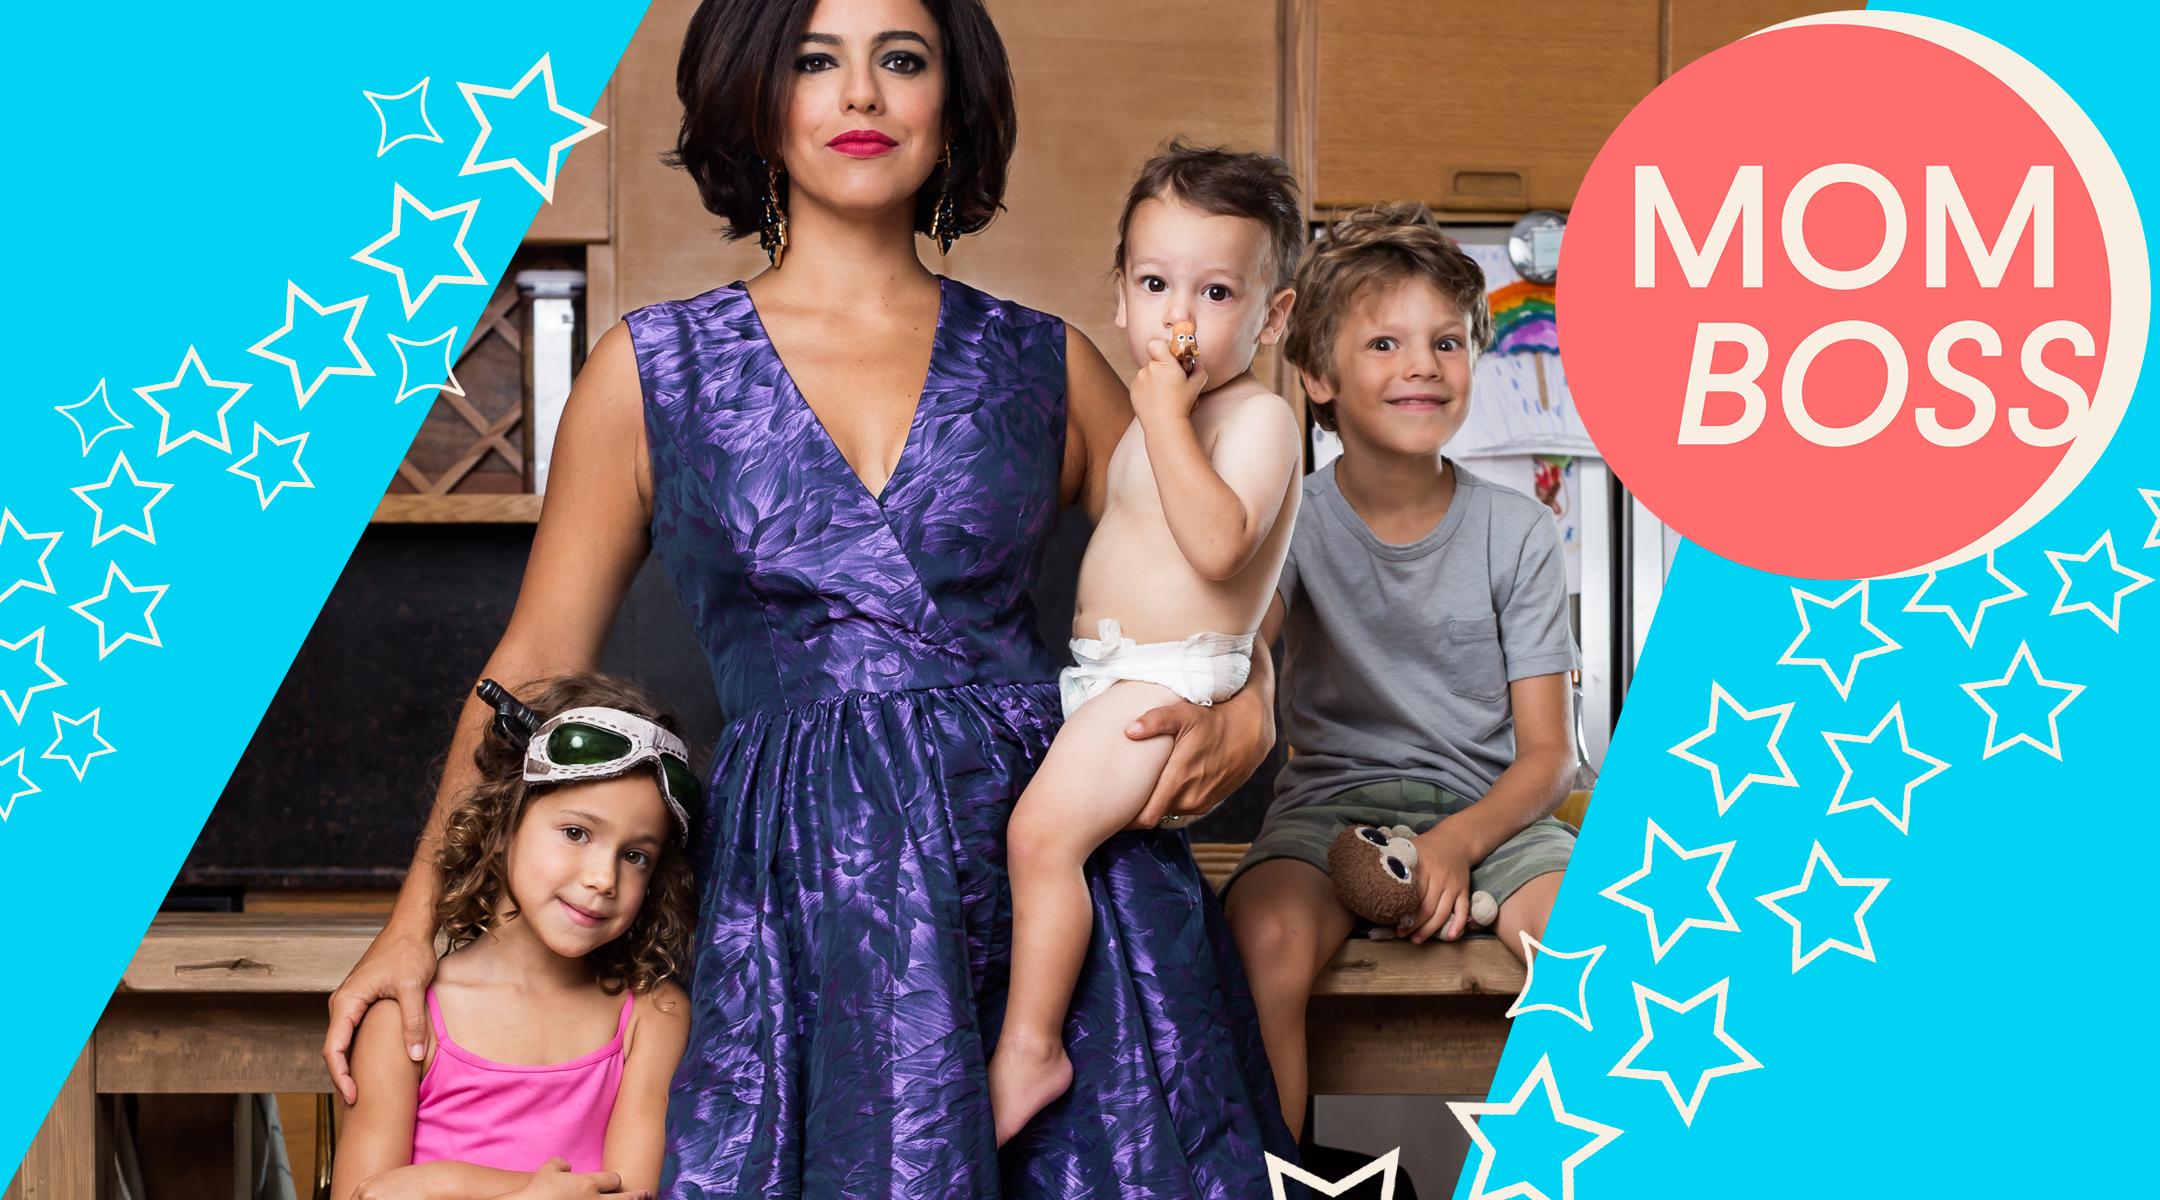 lisa ridd smitten films mom boss with kids in dress home videos photos memories